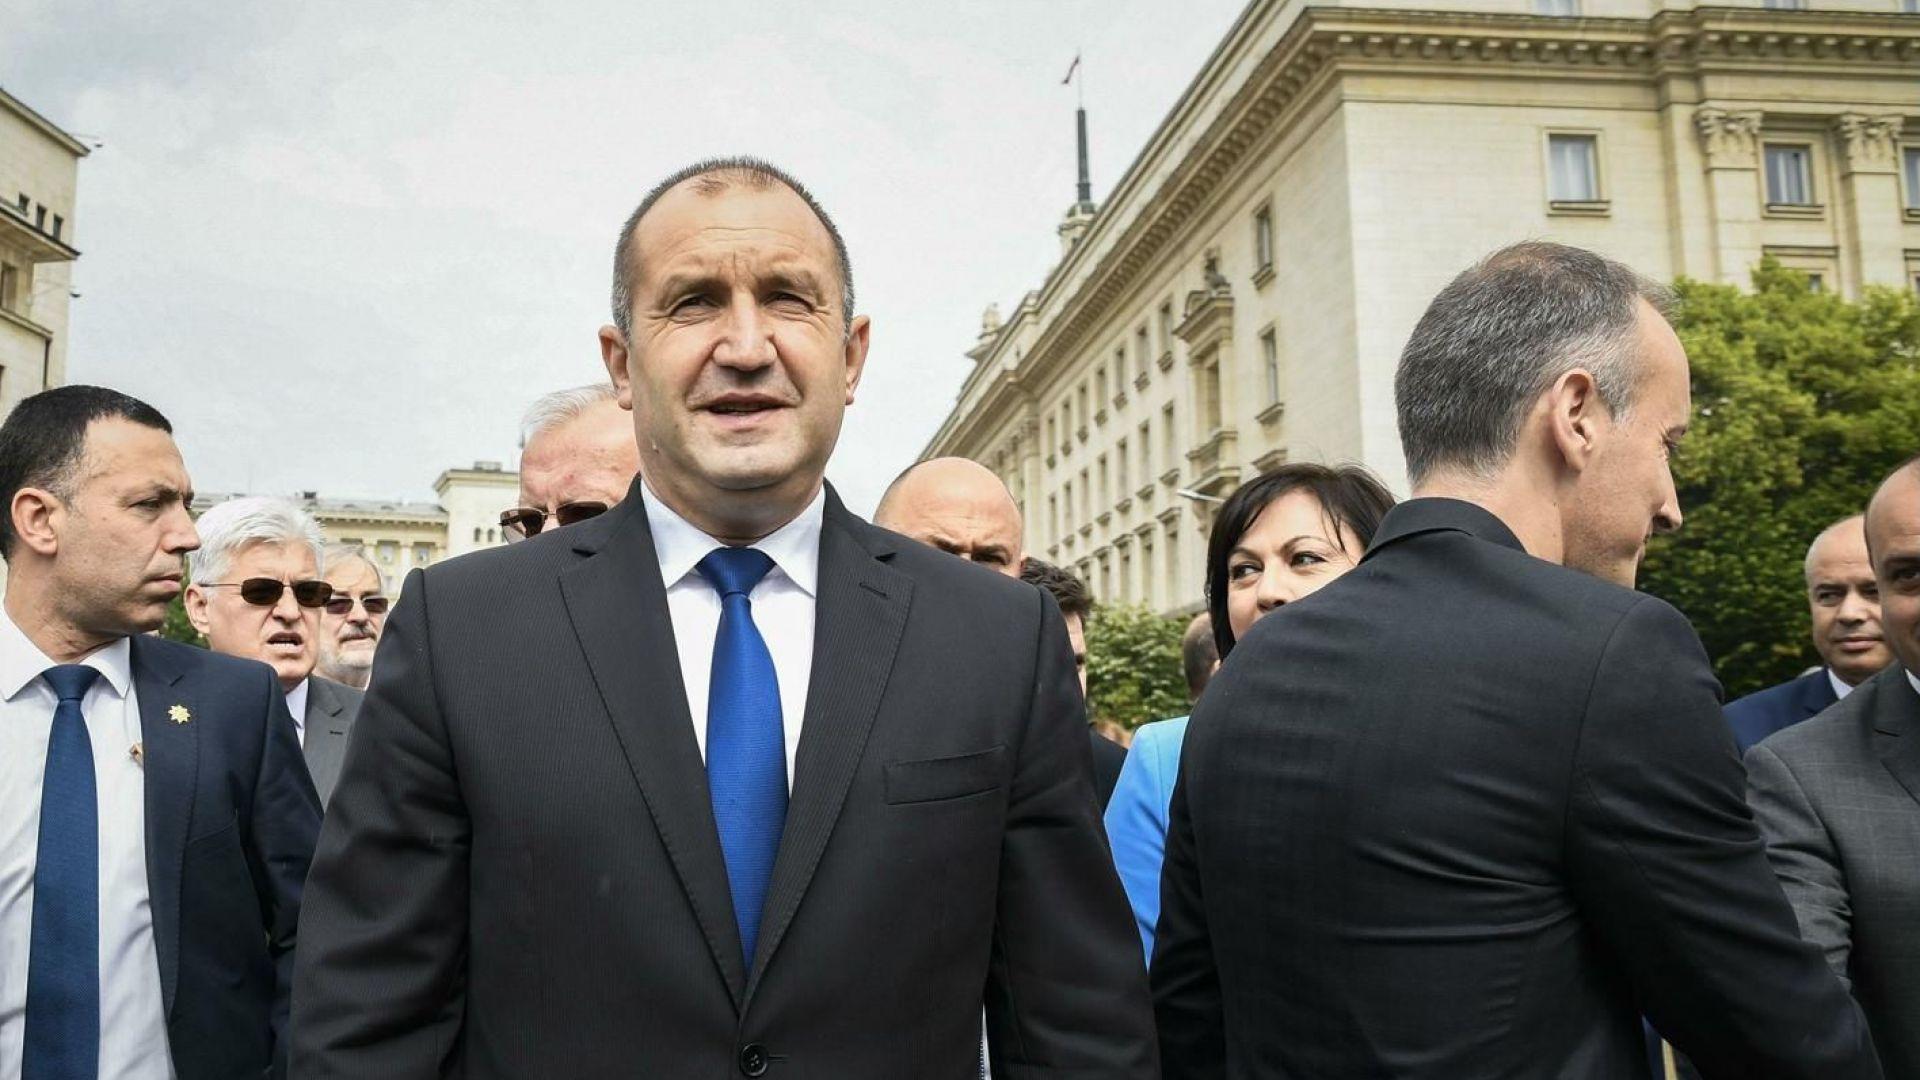 Румен Радев: За разлика от други, аз нямам началници нито в България, нито в чужбина